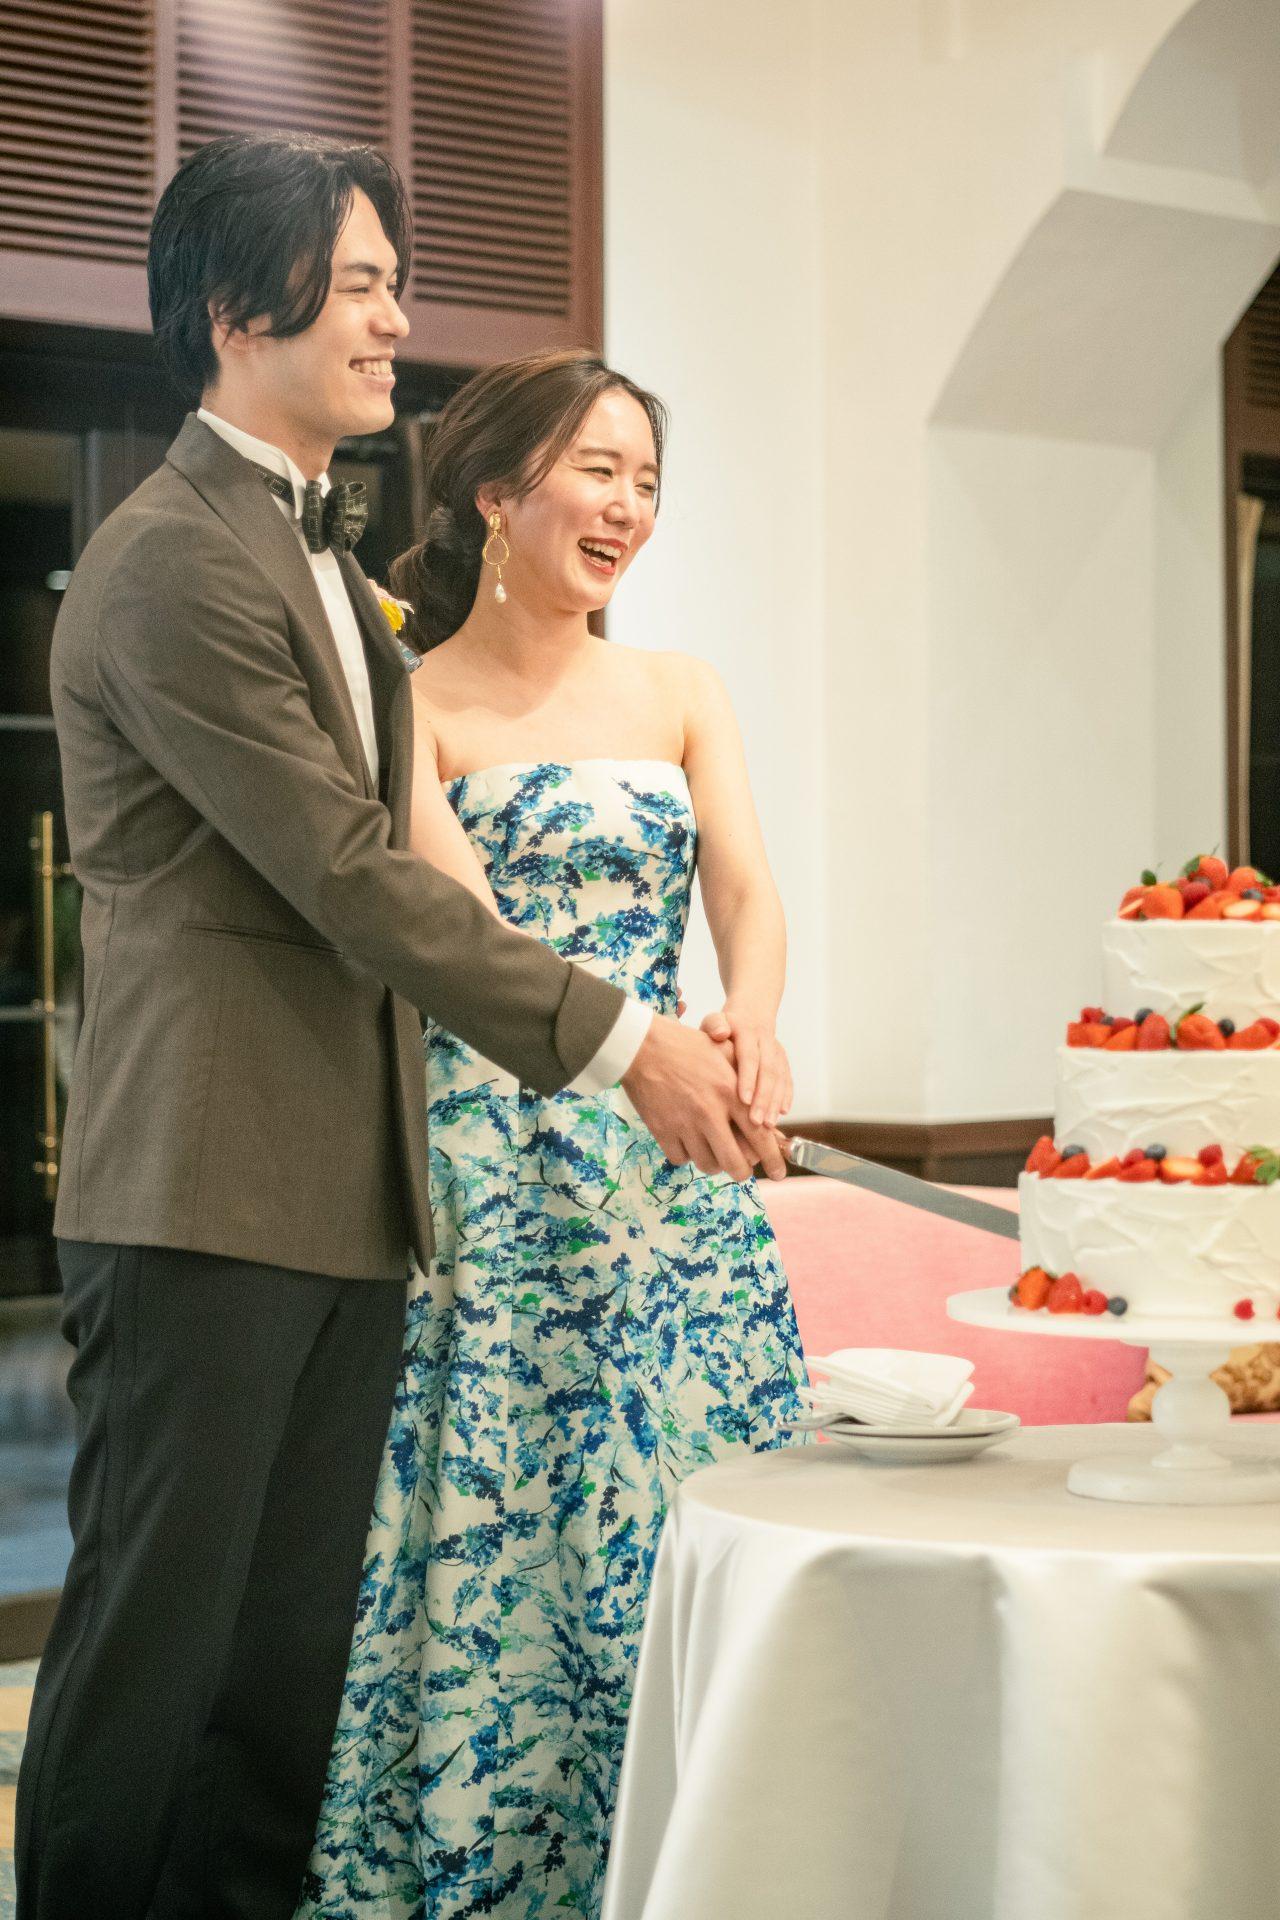 ザトリートドレッシング京都店にて春夏におすすめしたいモニーク・ルイリエのペイントのデザインがカラードレスのコーディネートのご紹介